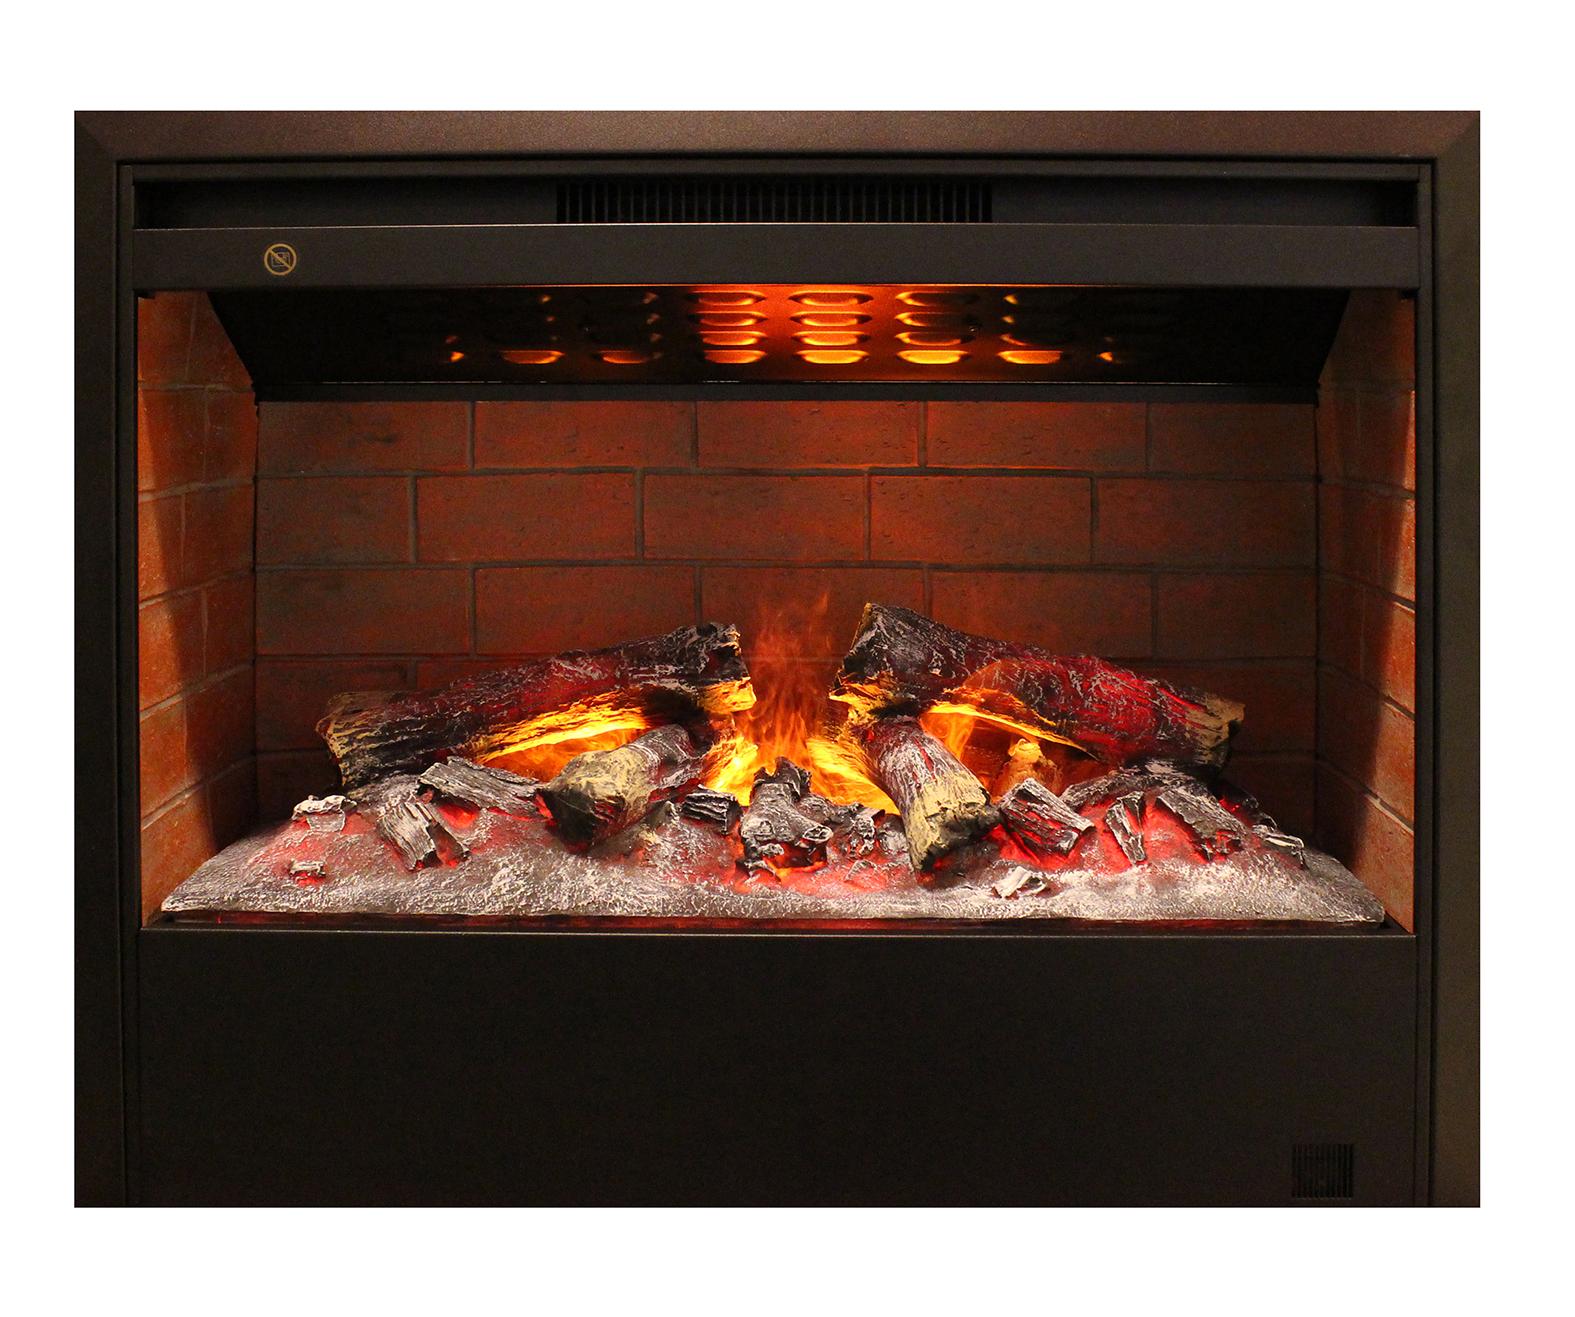 Купить электрокамин real flame helios в новосибирске навесы барбекю перголы фото